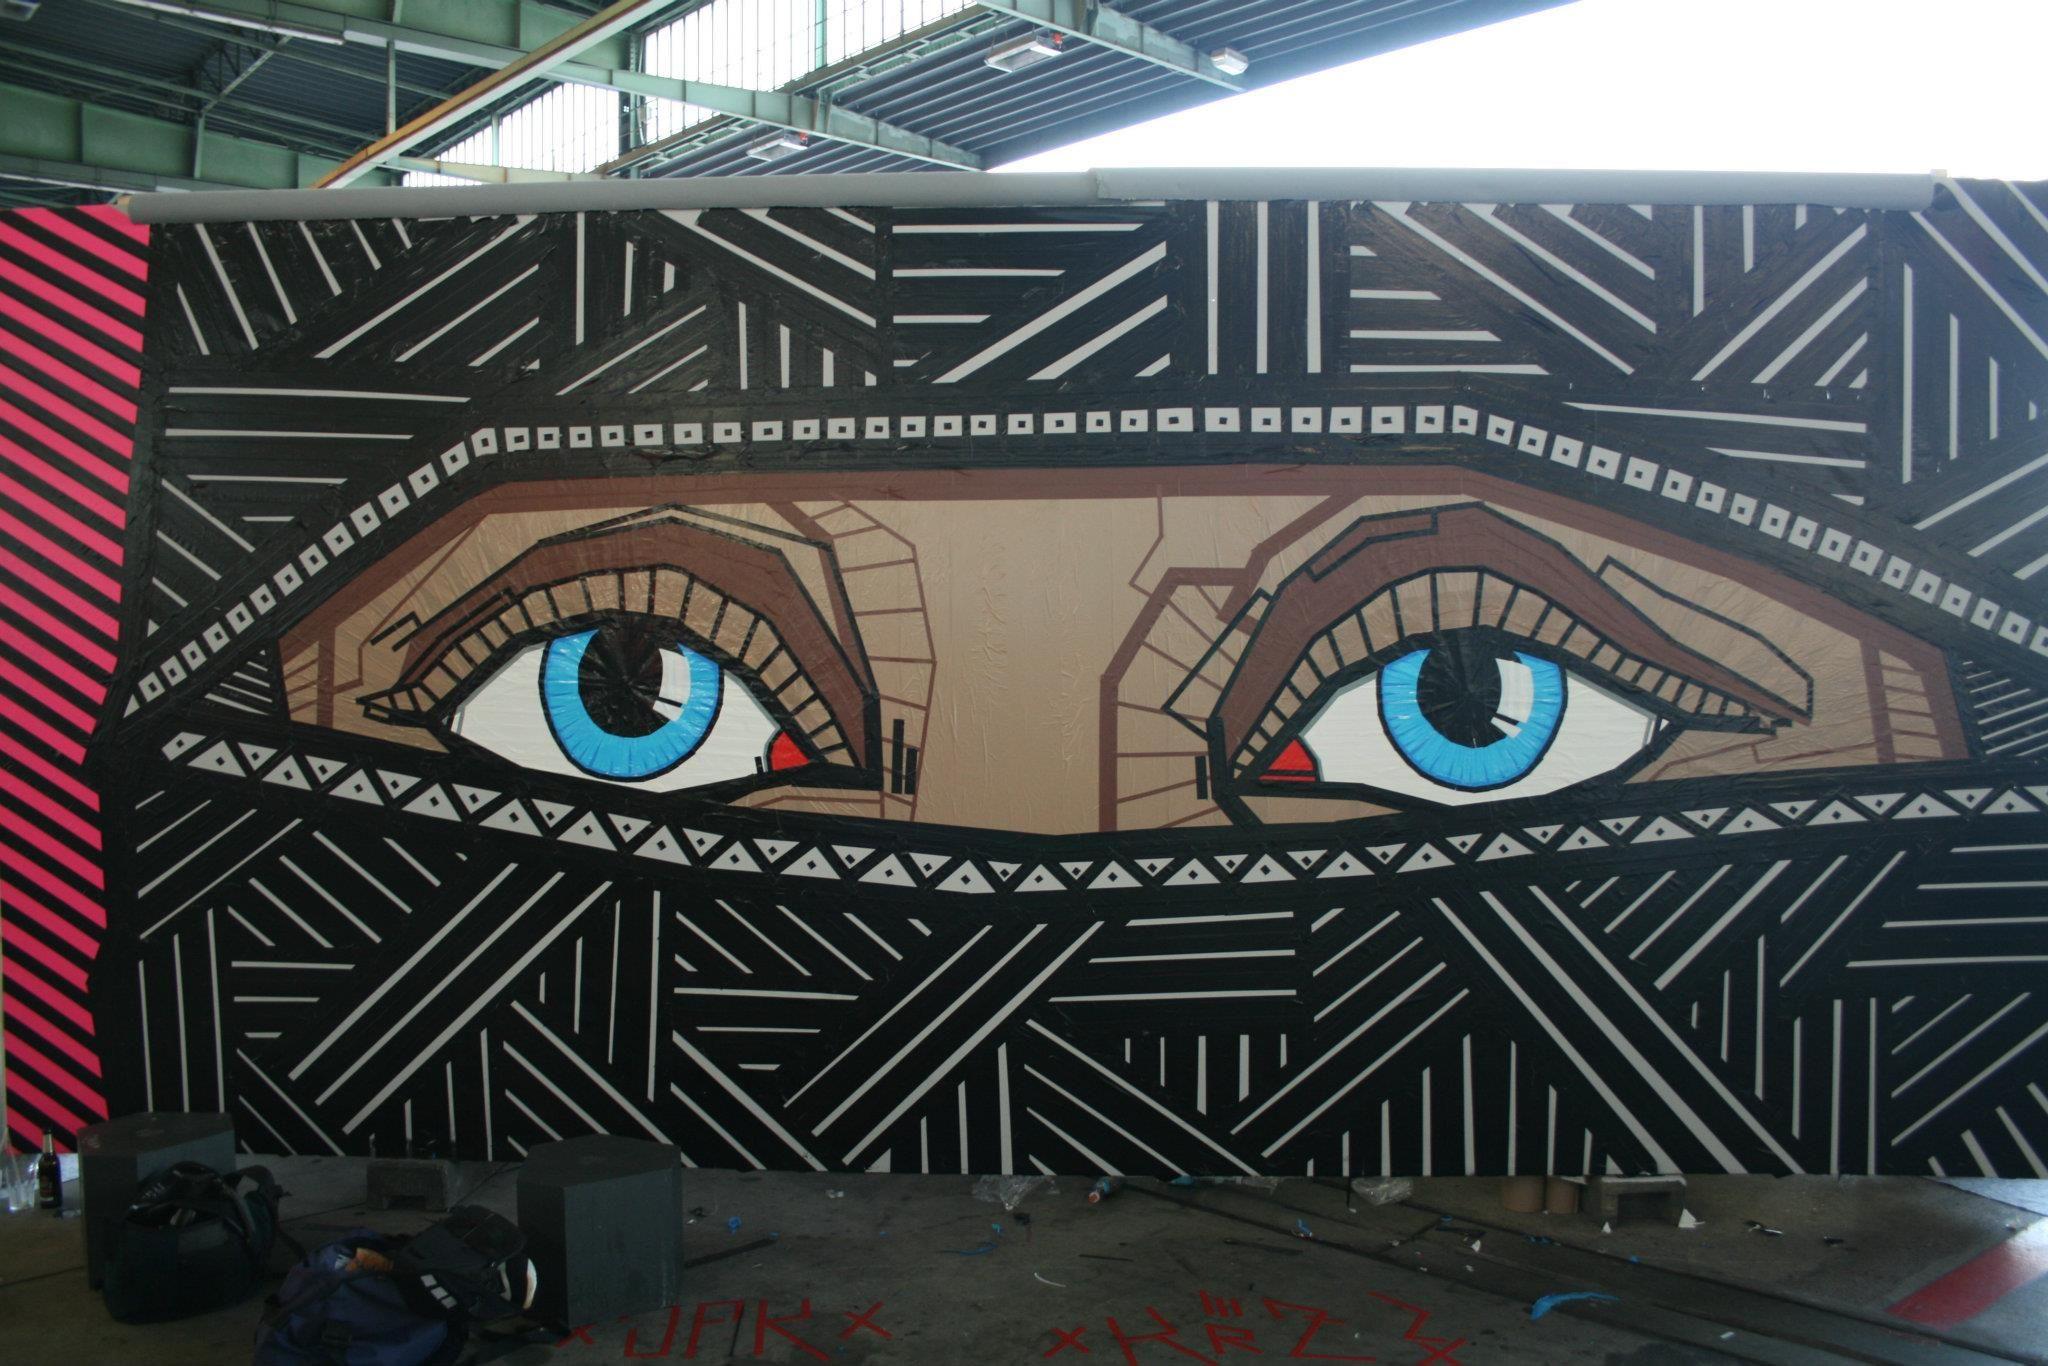 Tape Art Face | Tapeart | Pinterest | Tape art